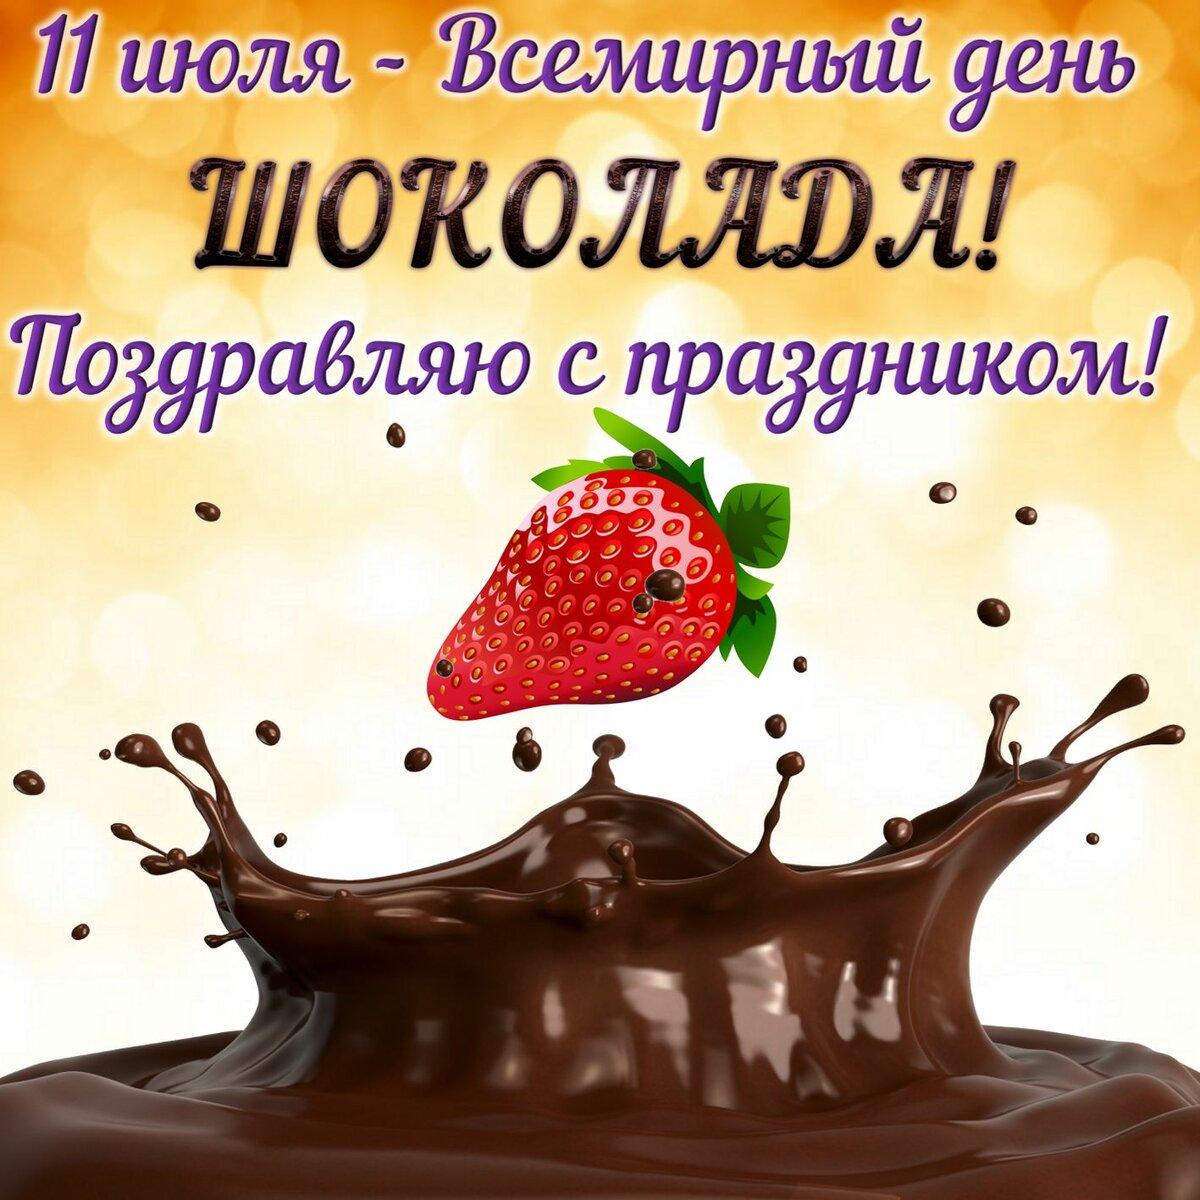 член всемирный день шоколада картинки прикольные своем